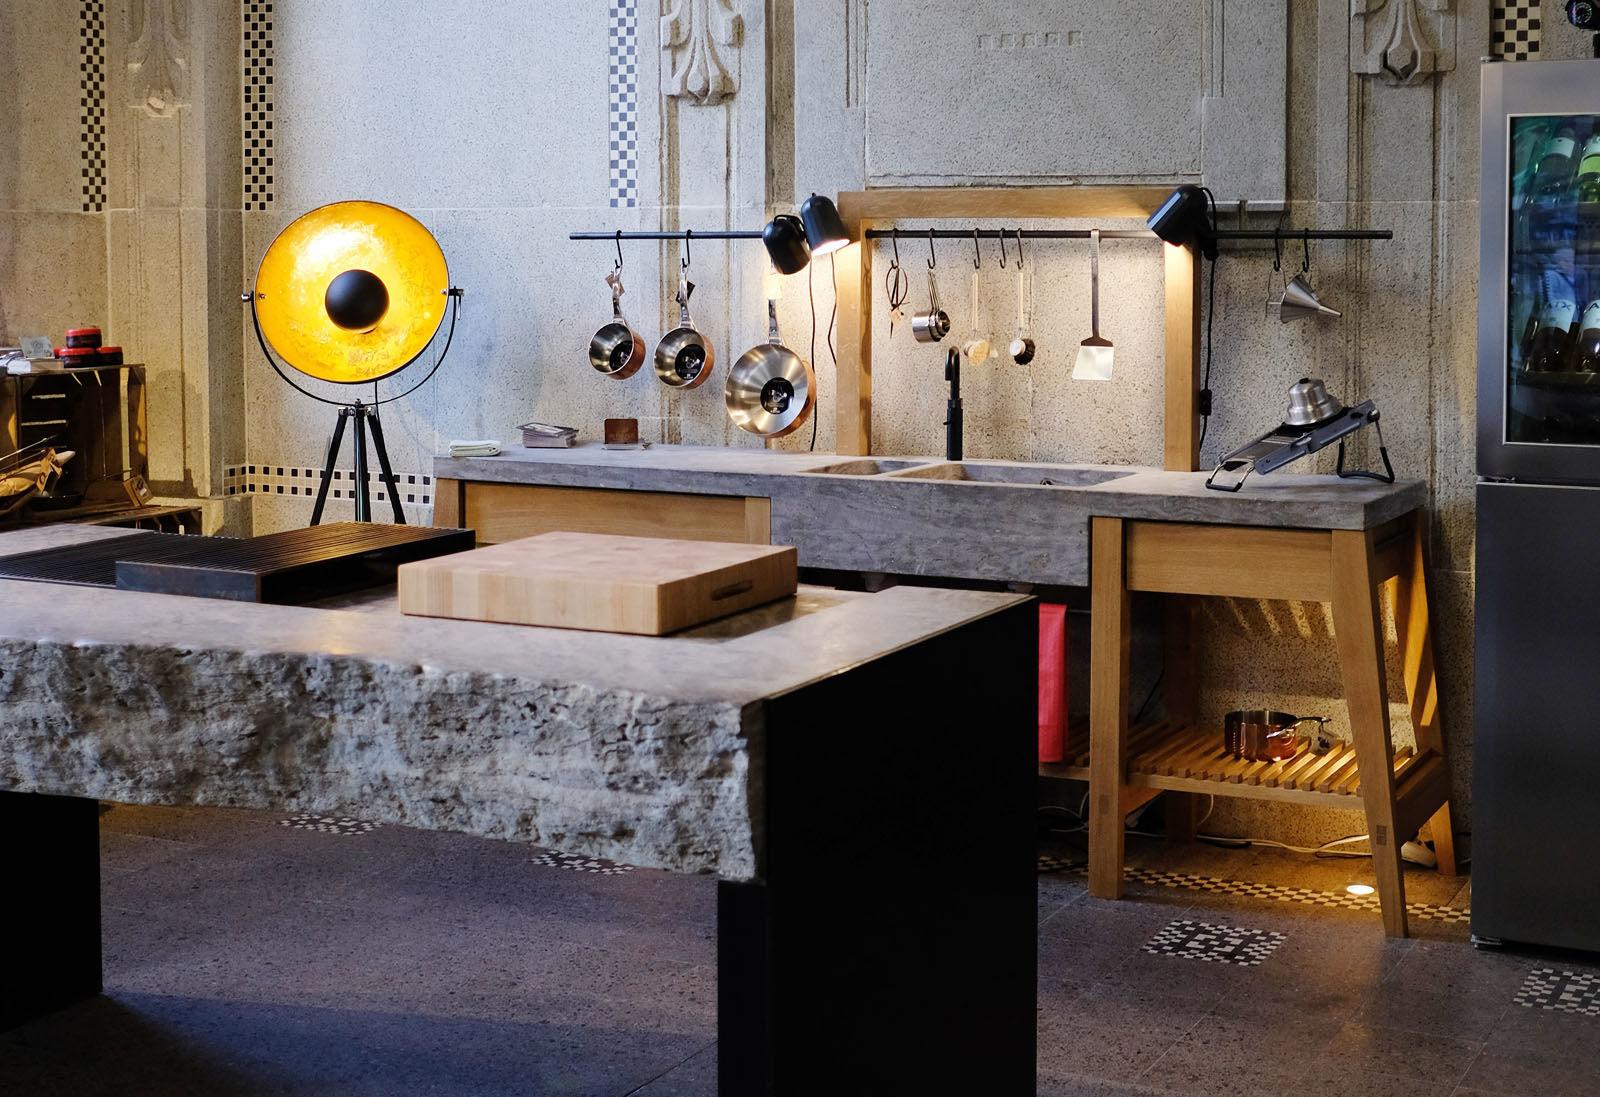 Outdoorküche Zubehör Berlin : Stein holz stahl u2013 küchen für drinnen und draußen am s bahnhof